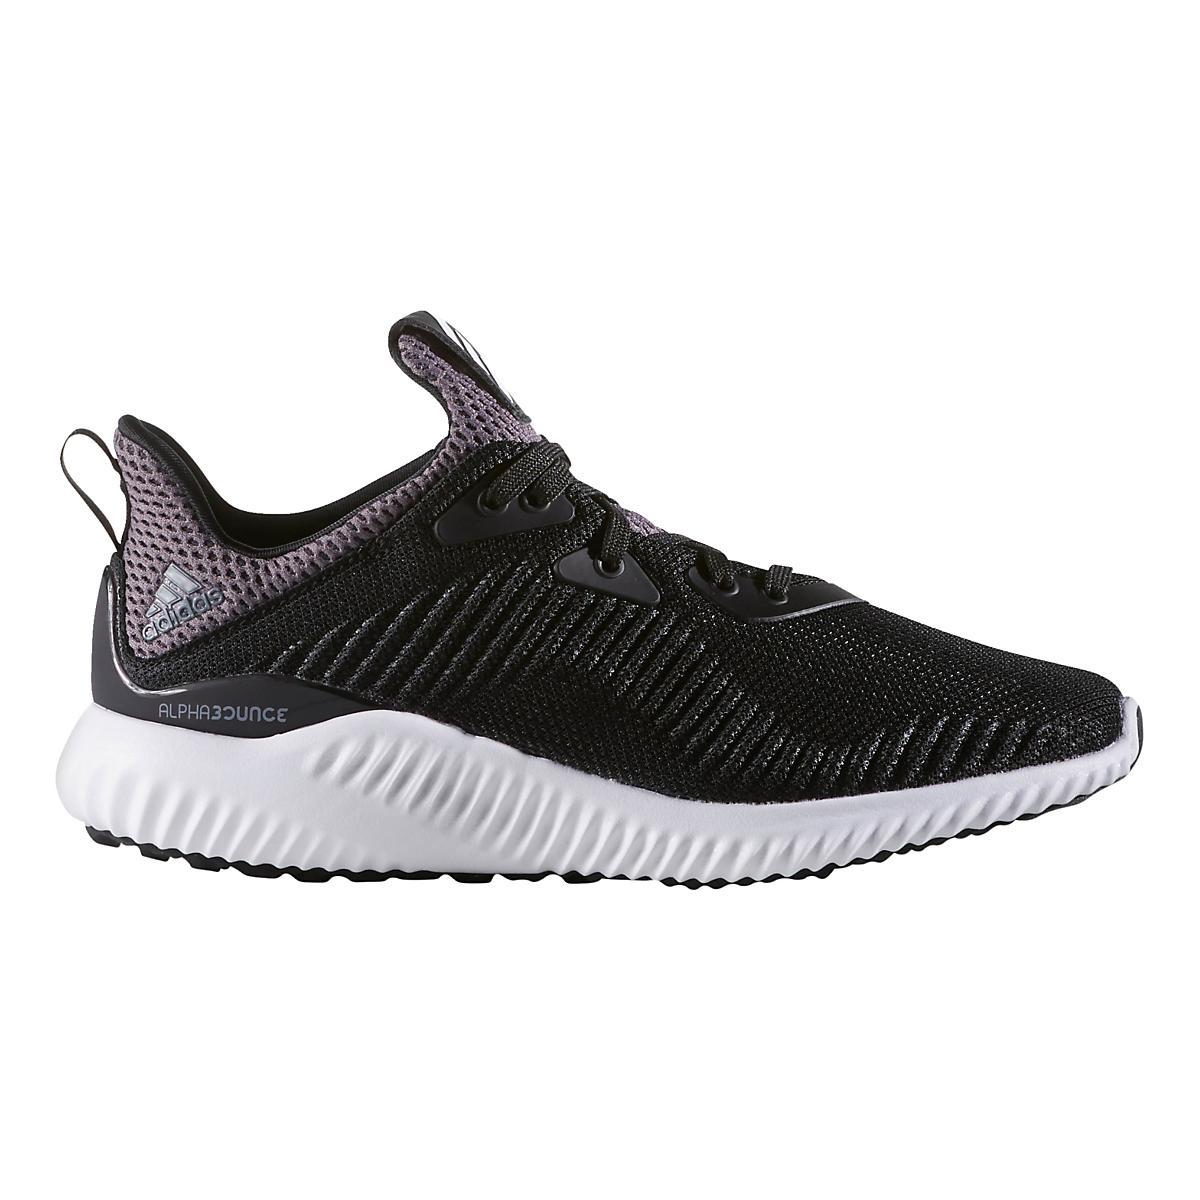 d1ed79e0c Kids adidas AlphaBounce J Running Shoe